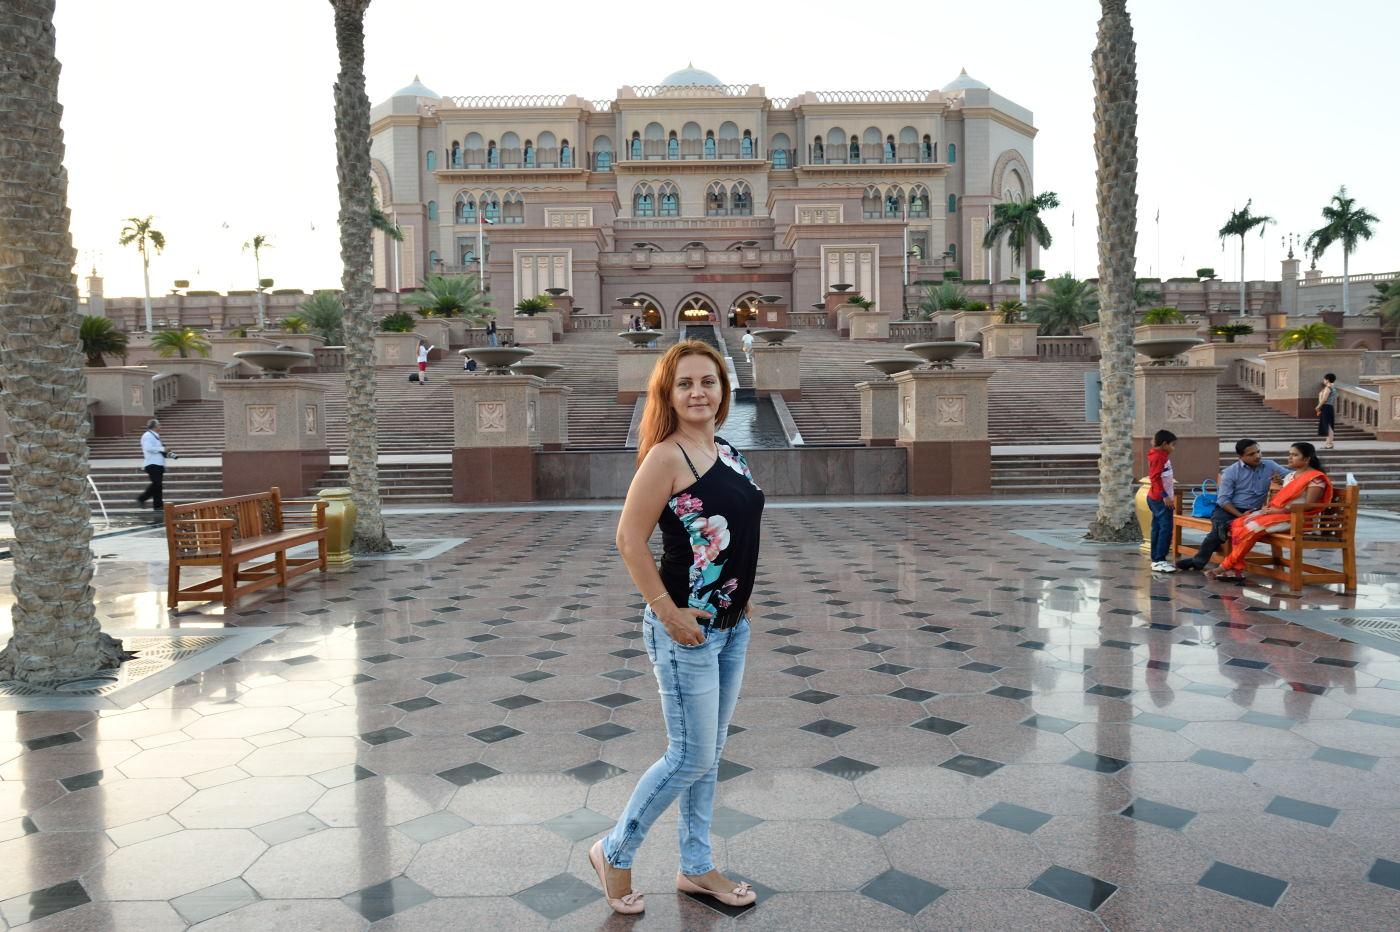 Фотография 6. Фотосессия на территории отеля Эмирейтс-Палас в Абу-Даби. 1/25, f/11, ISO 500, ФР=24 мм. Фотосъемка на Nikon D4s и объектив Nikon 24-70mm f/2.8G.